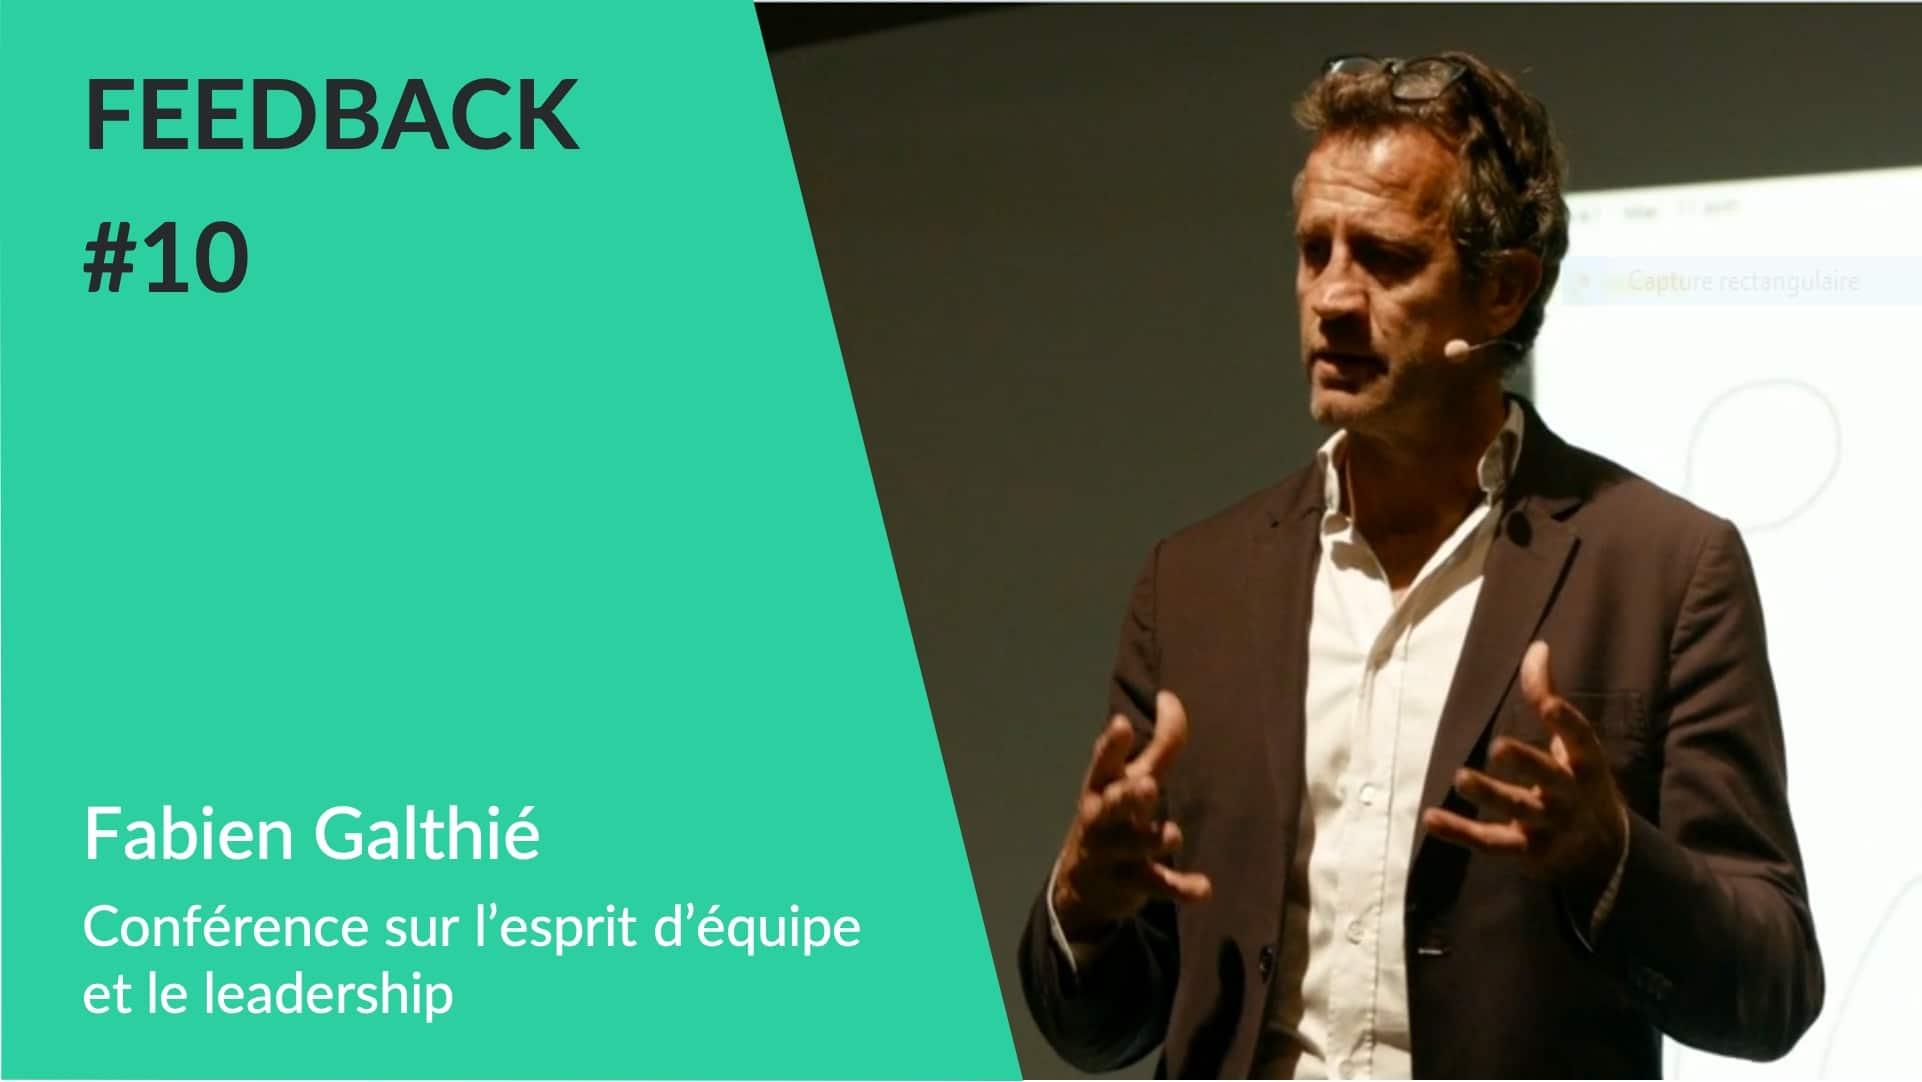 conférence Fabien Galthié esprit d'équipe et leadership